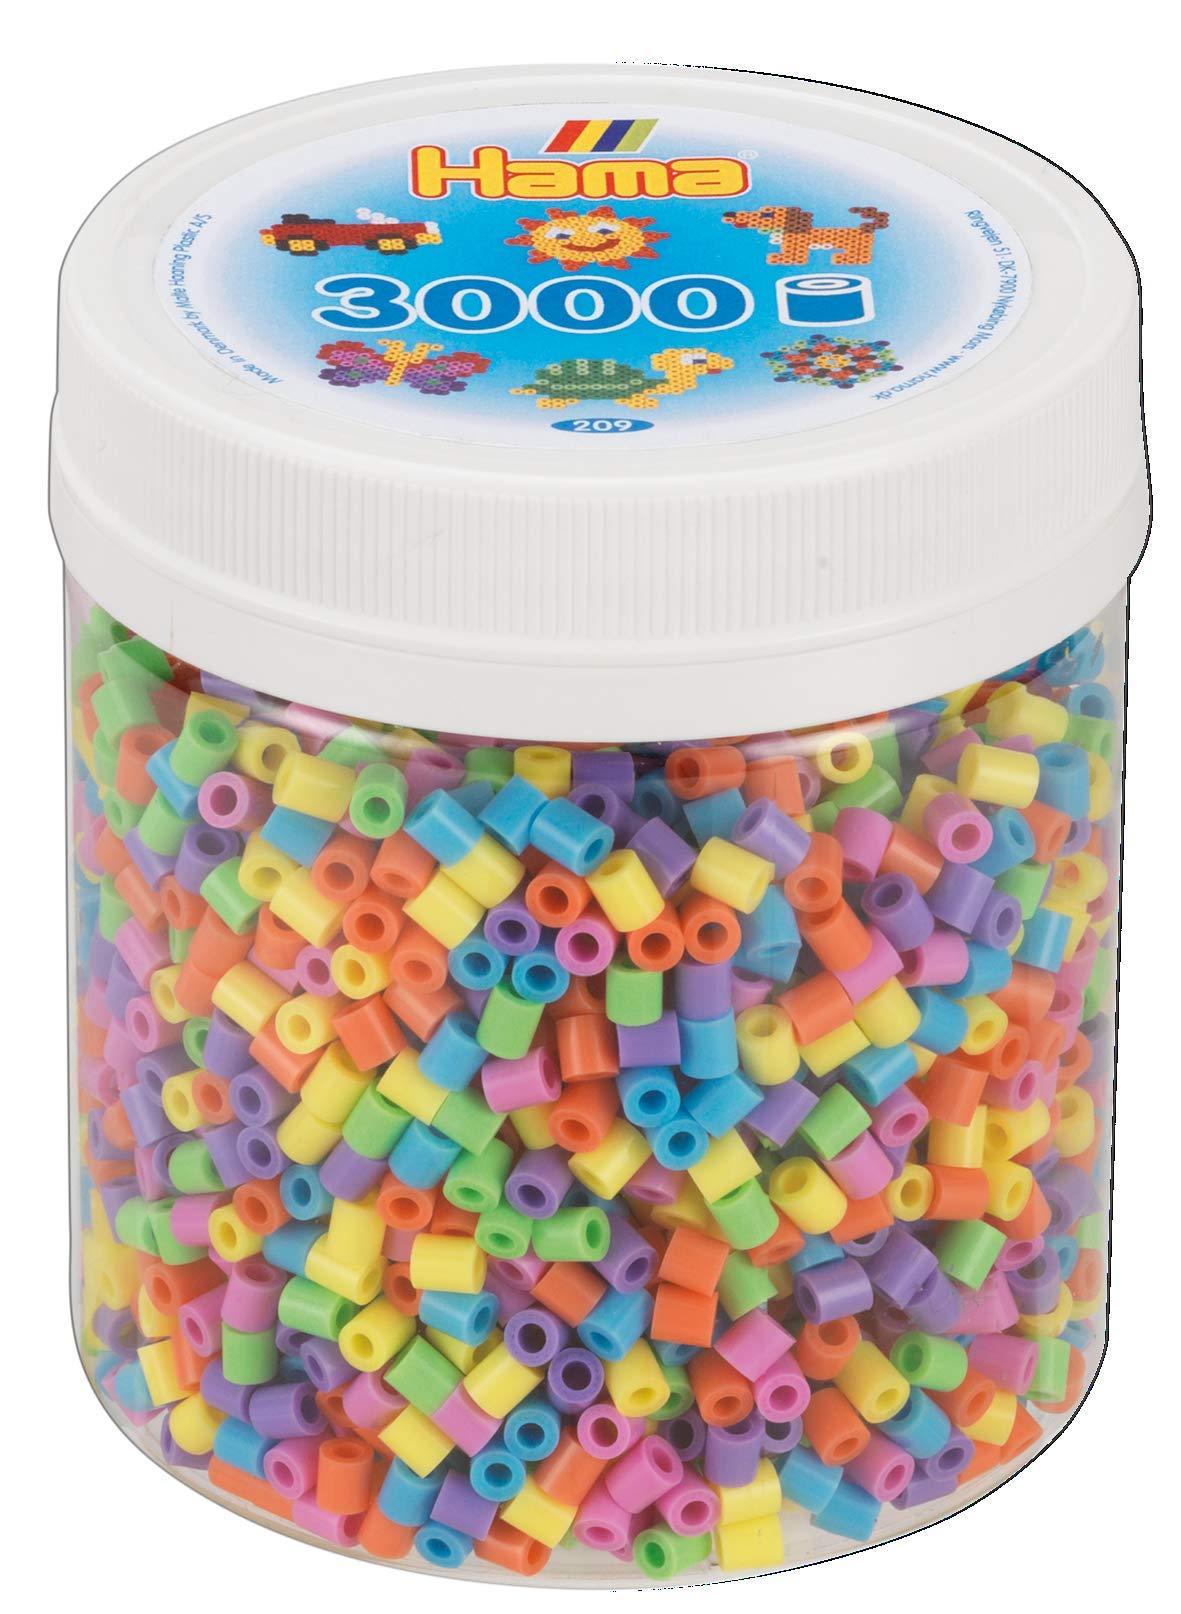 Hama 10.209-50 3.000 Midi Beads - Mosaico Mezcla Pastel, Talla única: Amazon.es: Juguetes y juegos